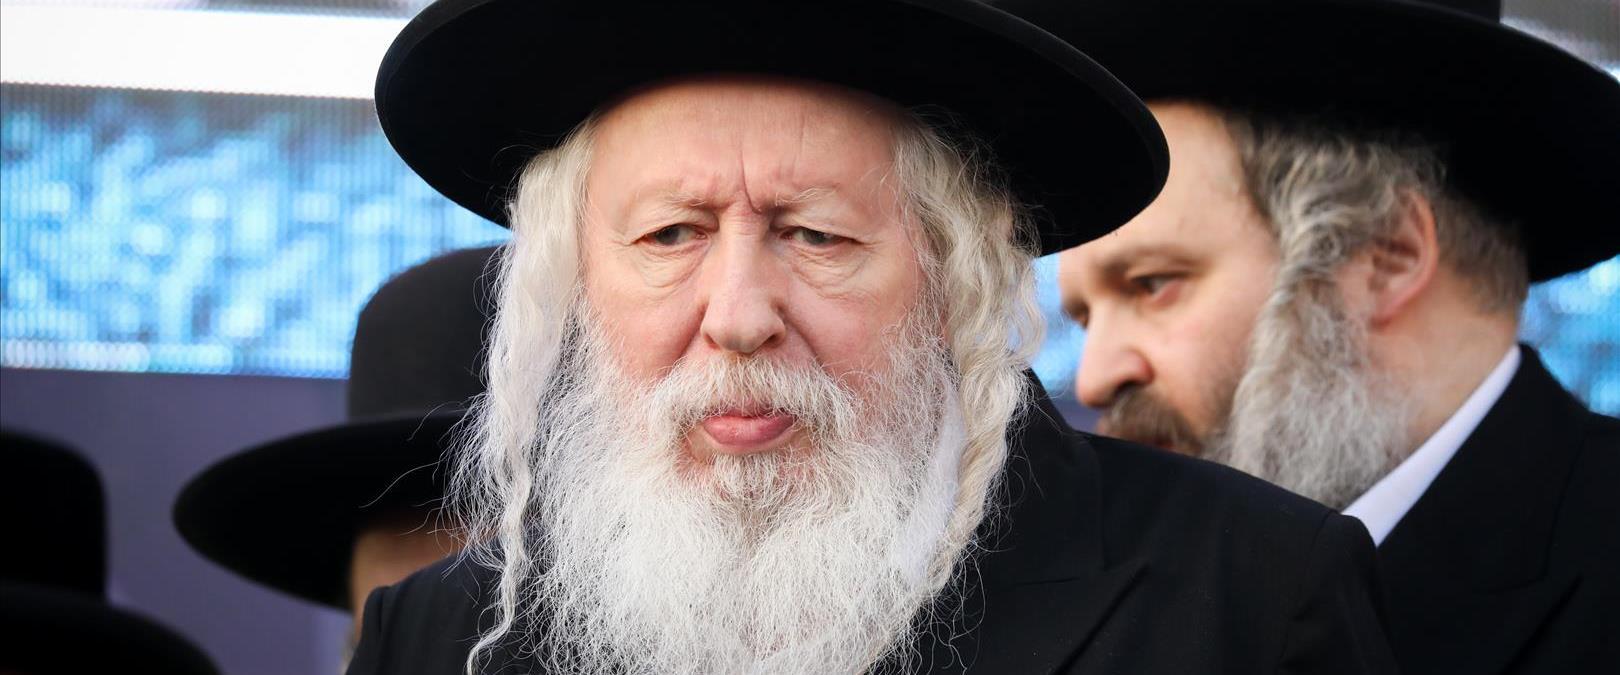 """האדמו""""ר מגור, הרב יעקב אריה אלתר"""